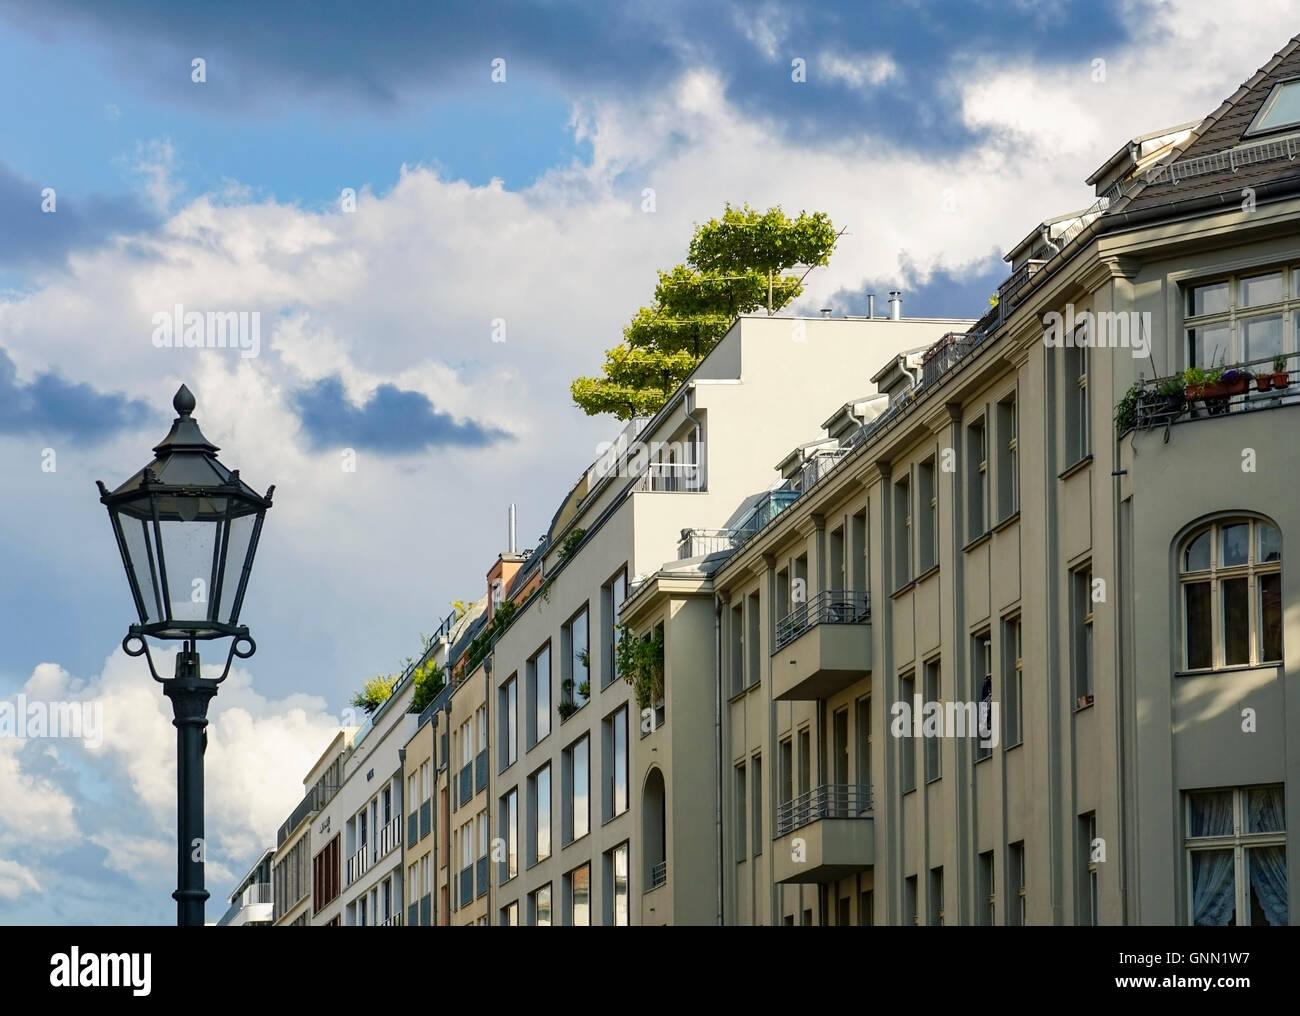 Bienes raices De alta clase con azotea árboles en Berlin Mitte, Alemania Foto de stock